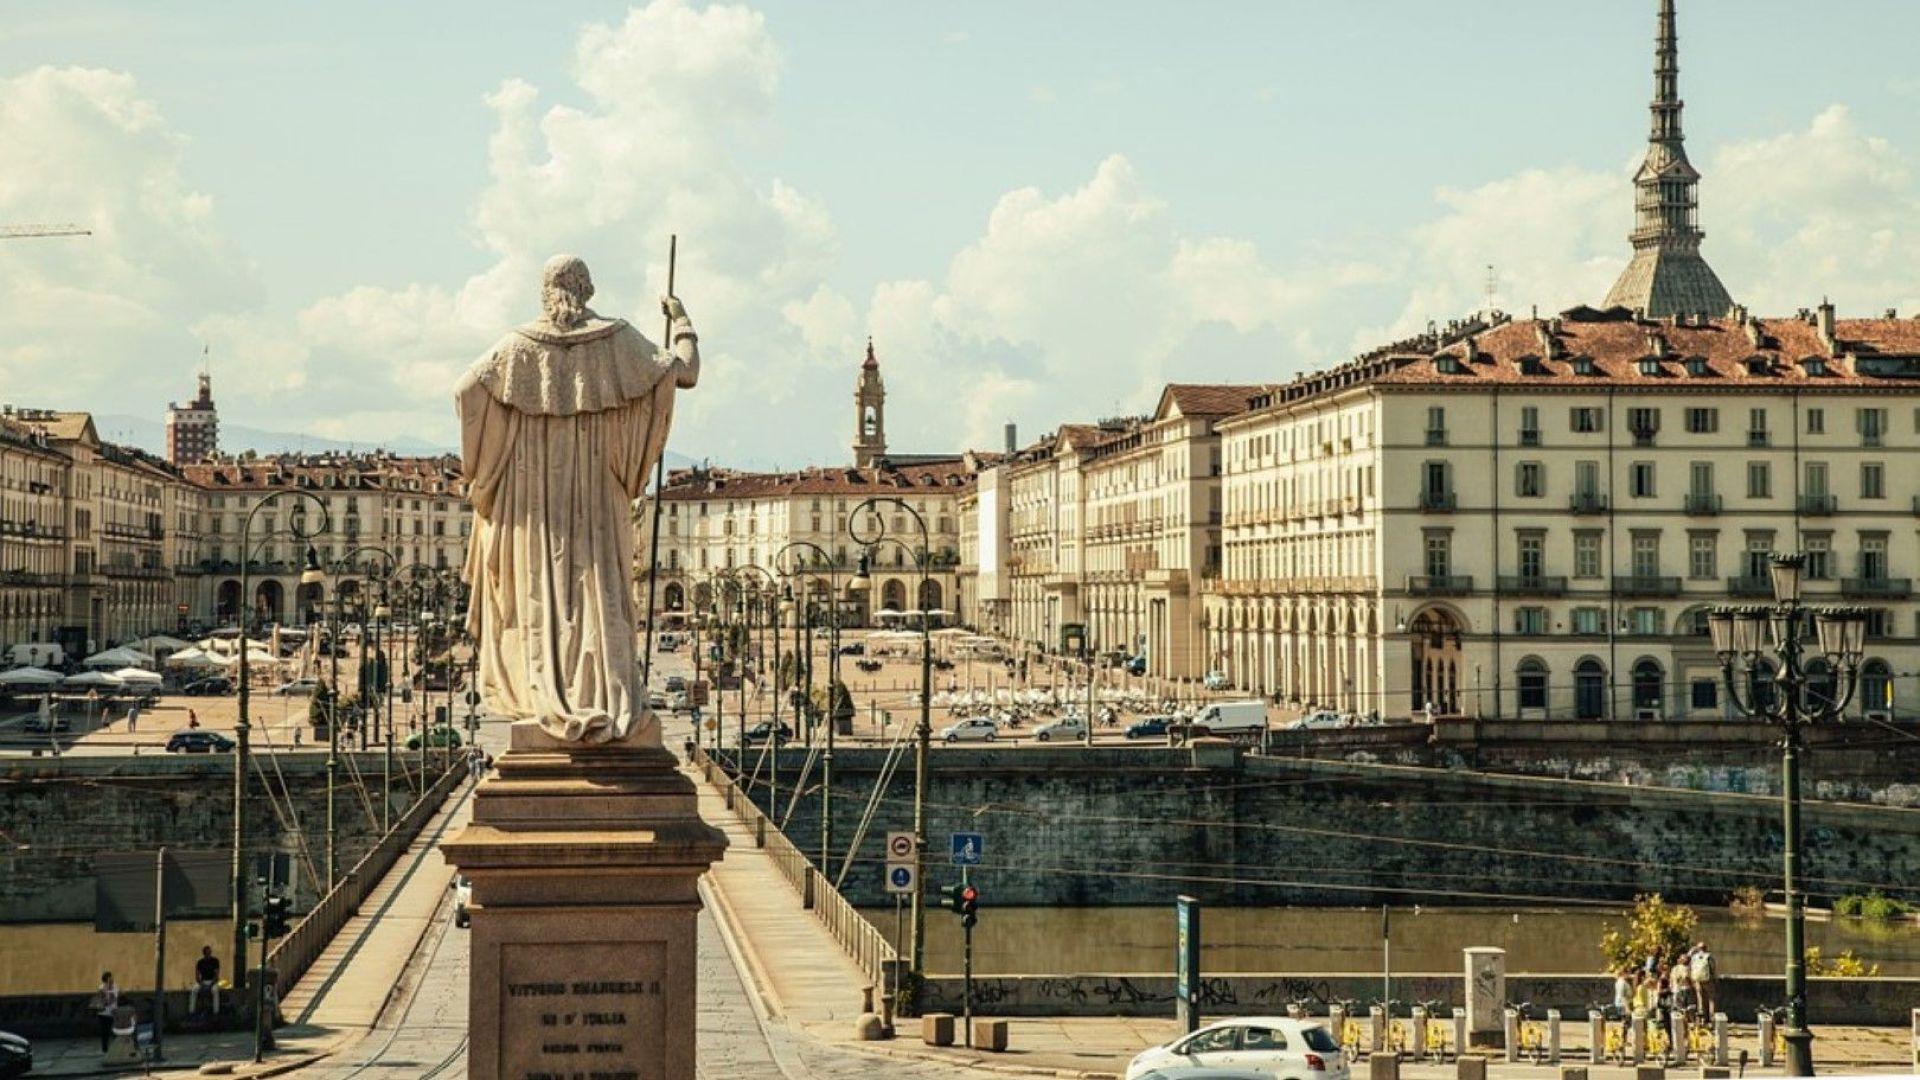 Кметицата на Торино получи пратка с експлозив